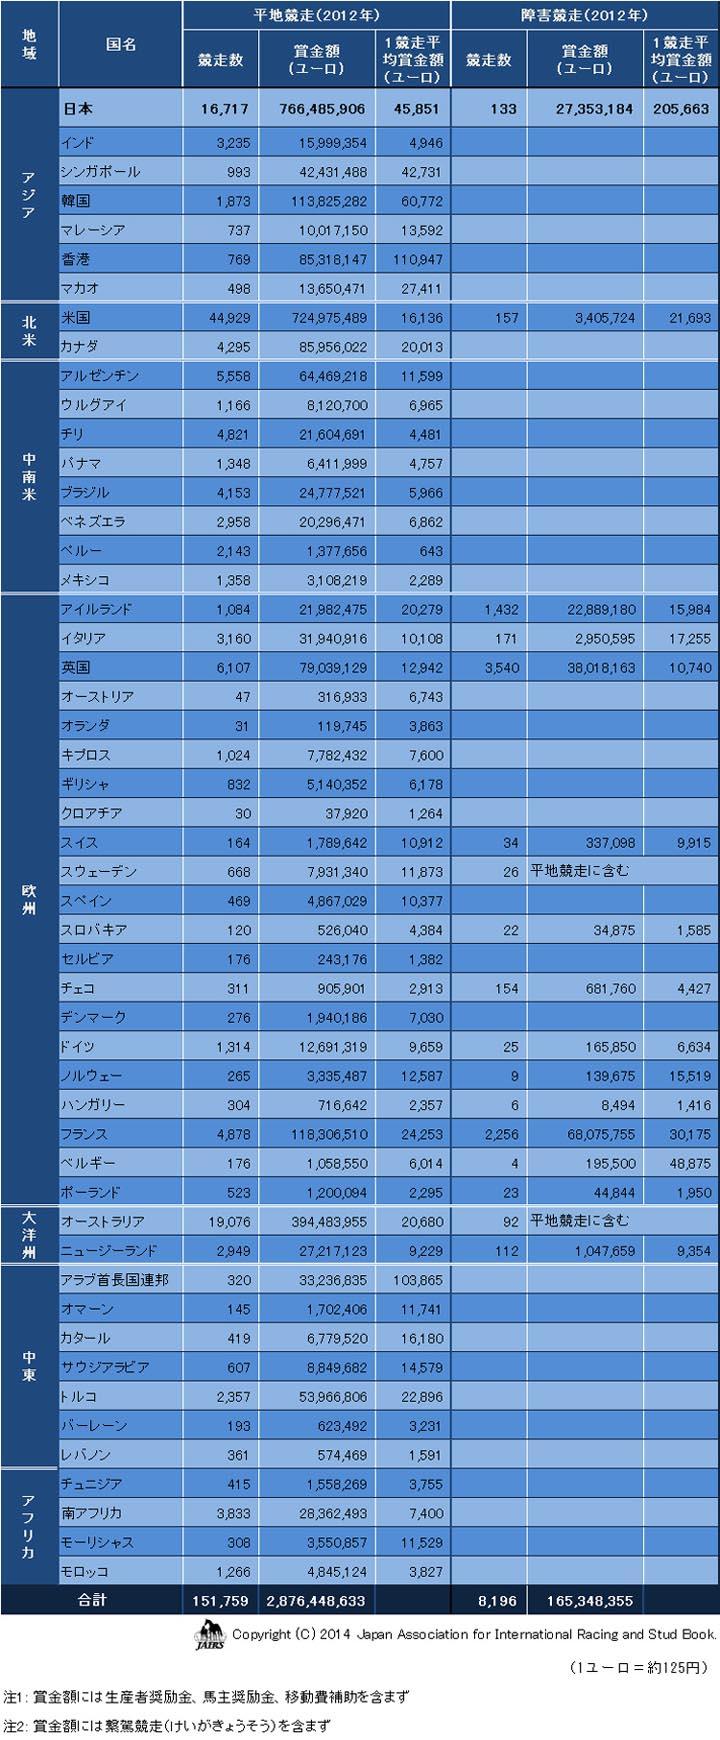 賞金額(平地・障害)2012年